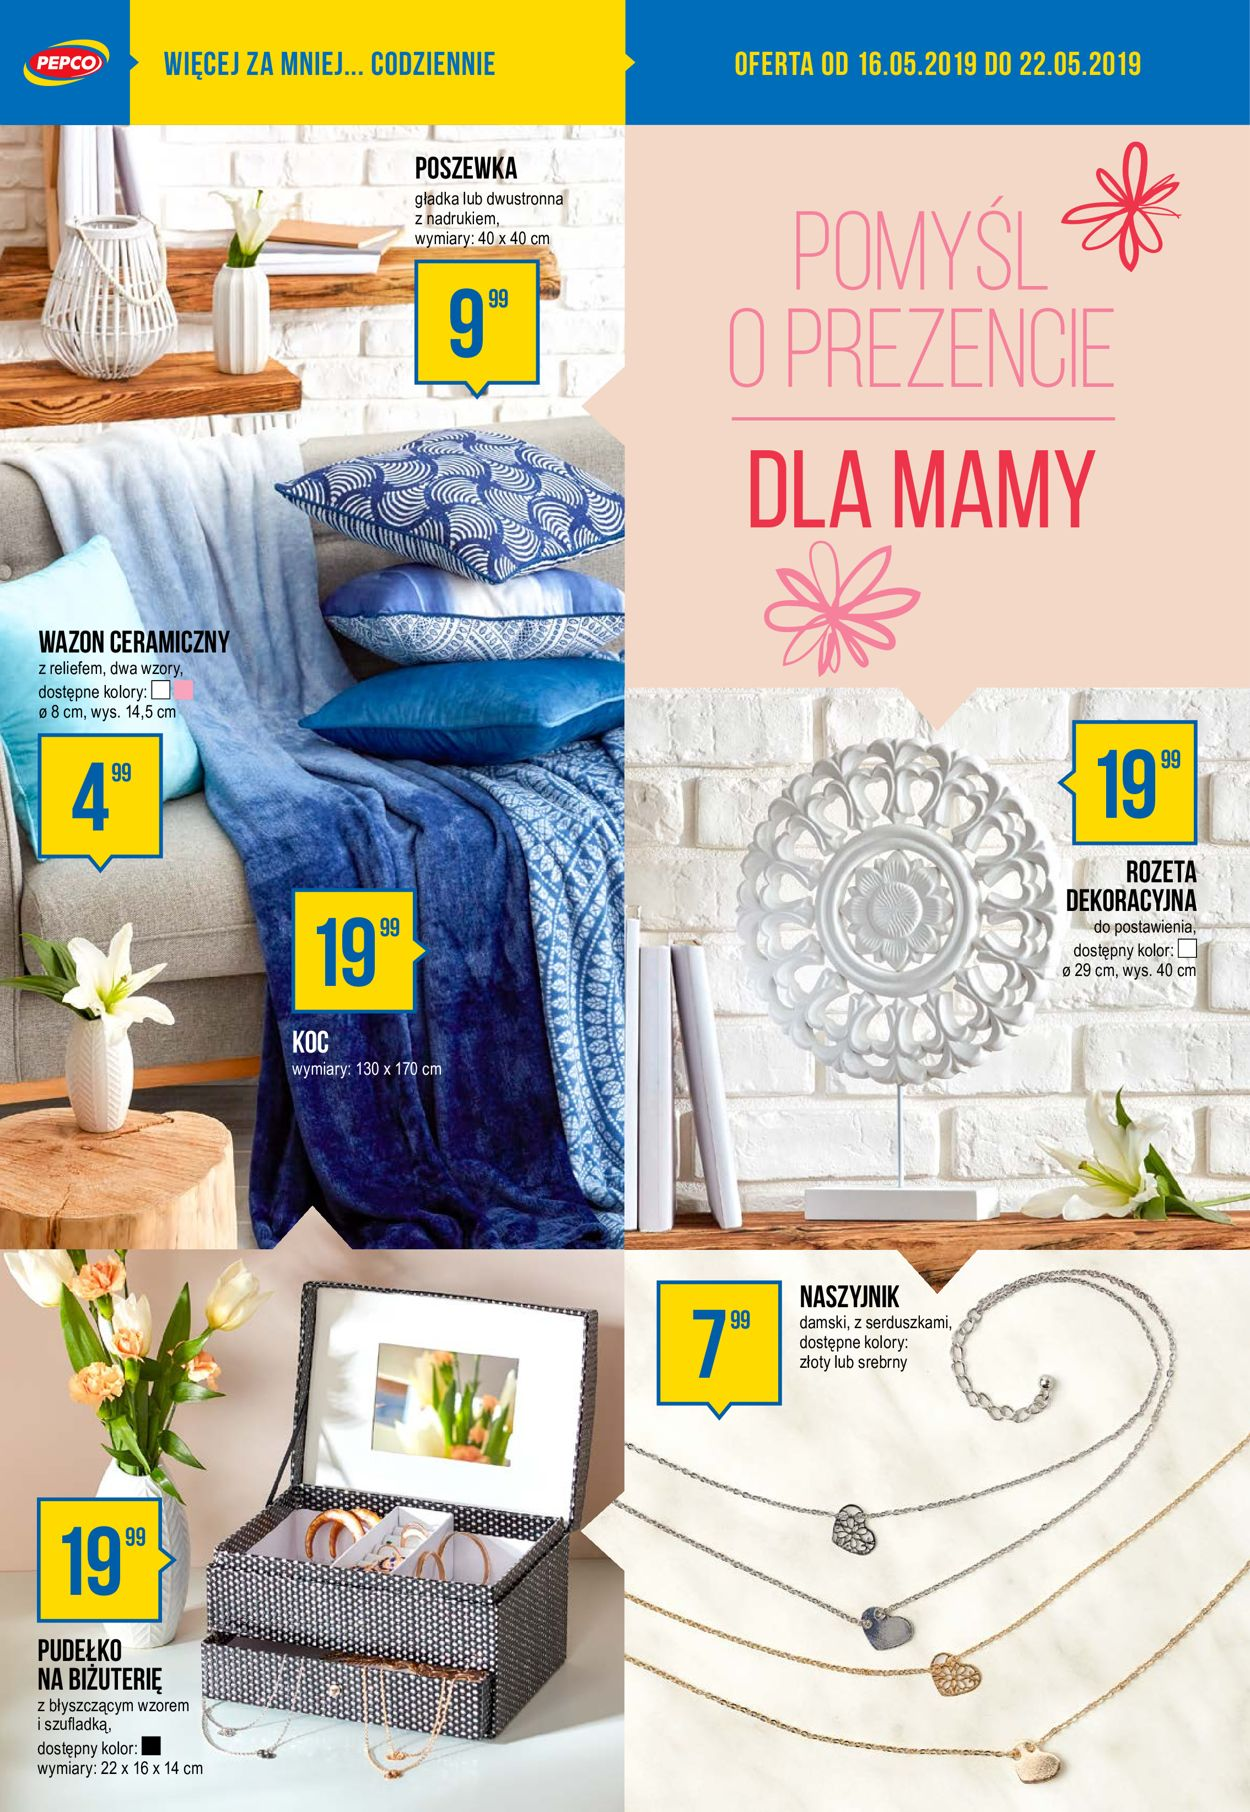 Gazetka promocyjna Pepco - 16.05-22.05.2019 (Strona 2)